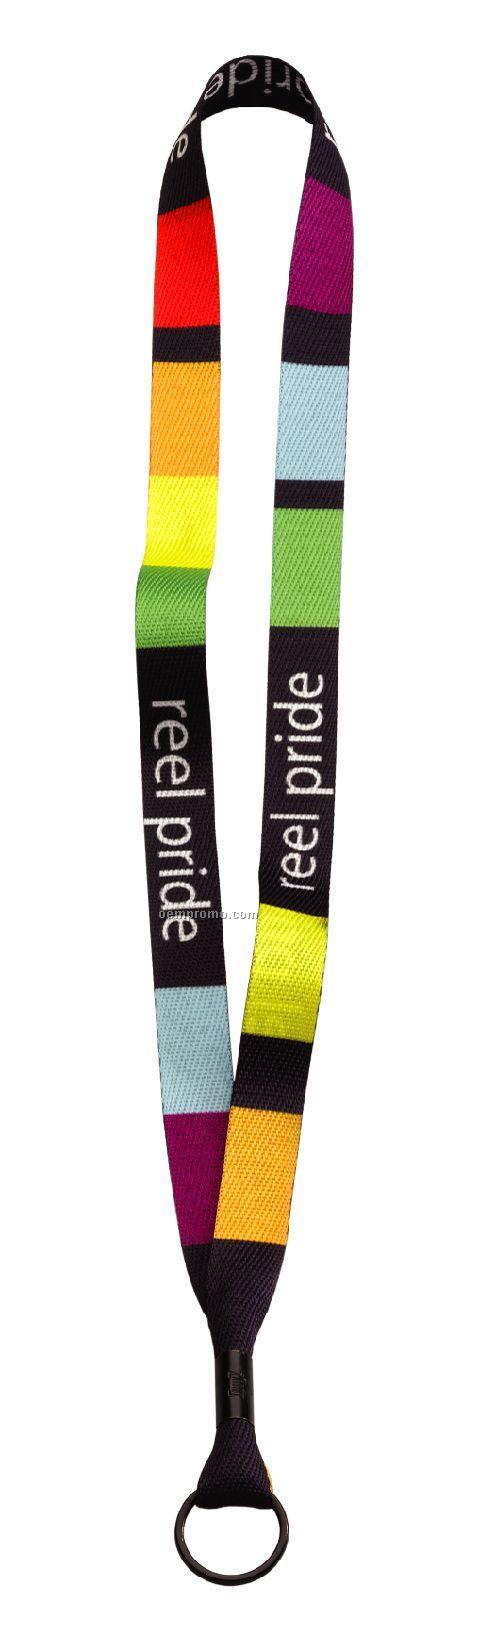 """3/4"""" Rpet Waffle Weave Dye Sublimated Lanyard W/ Metal Crimp & Split Ring"""